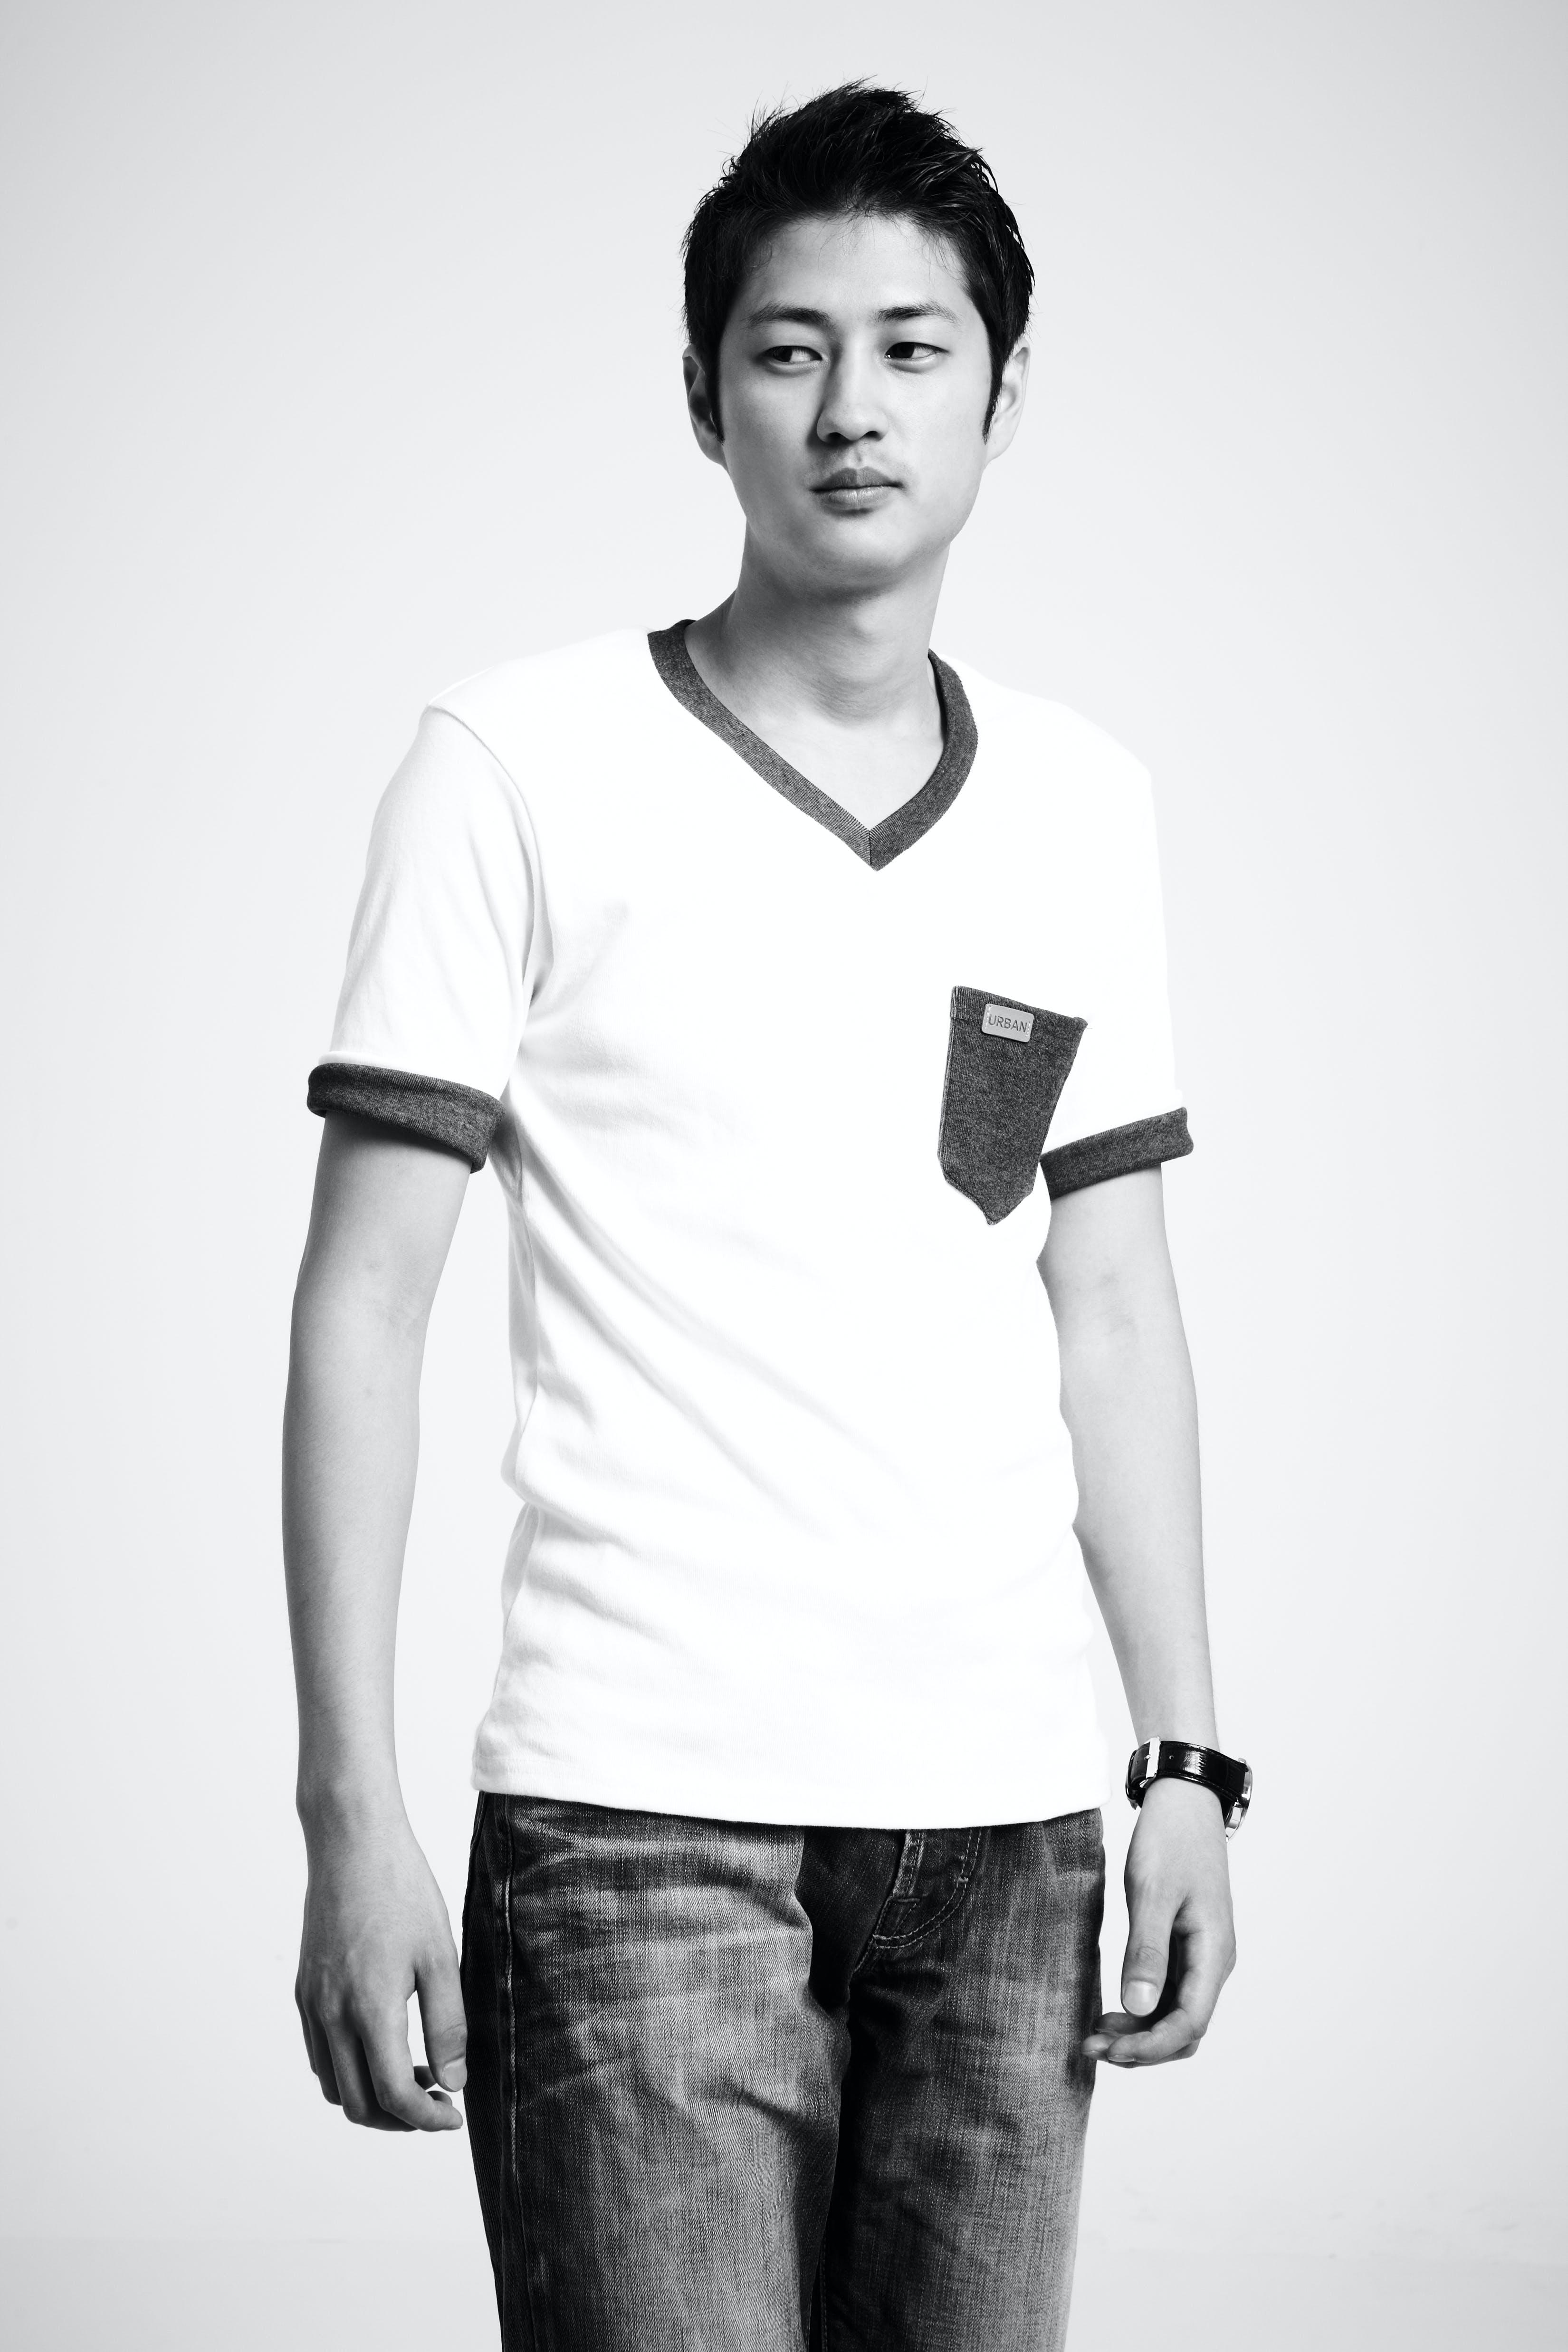 Kostenloses Stock Foto zu asiatischer mann, denim jeans, fashion, gut aussehende